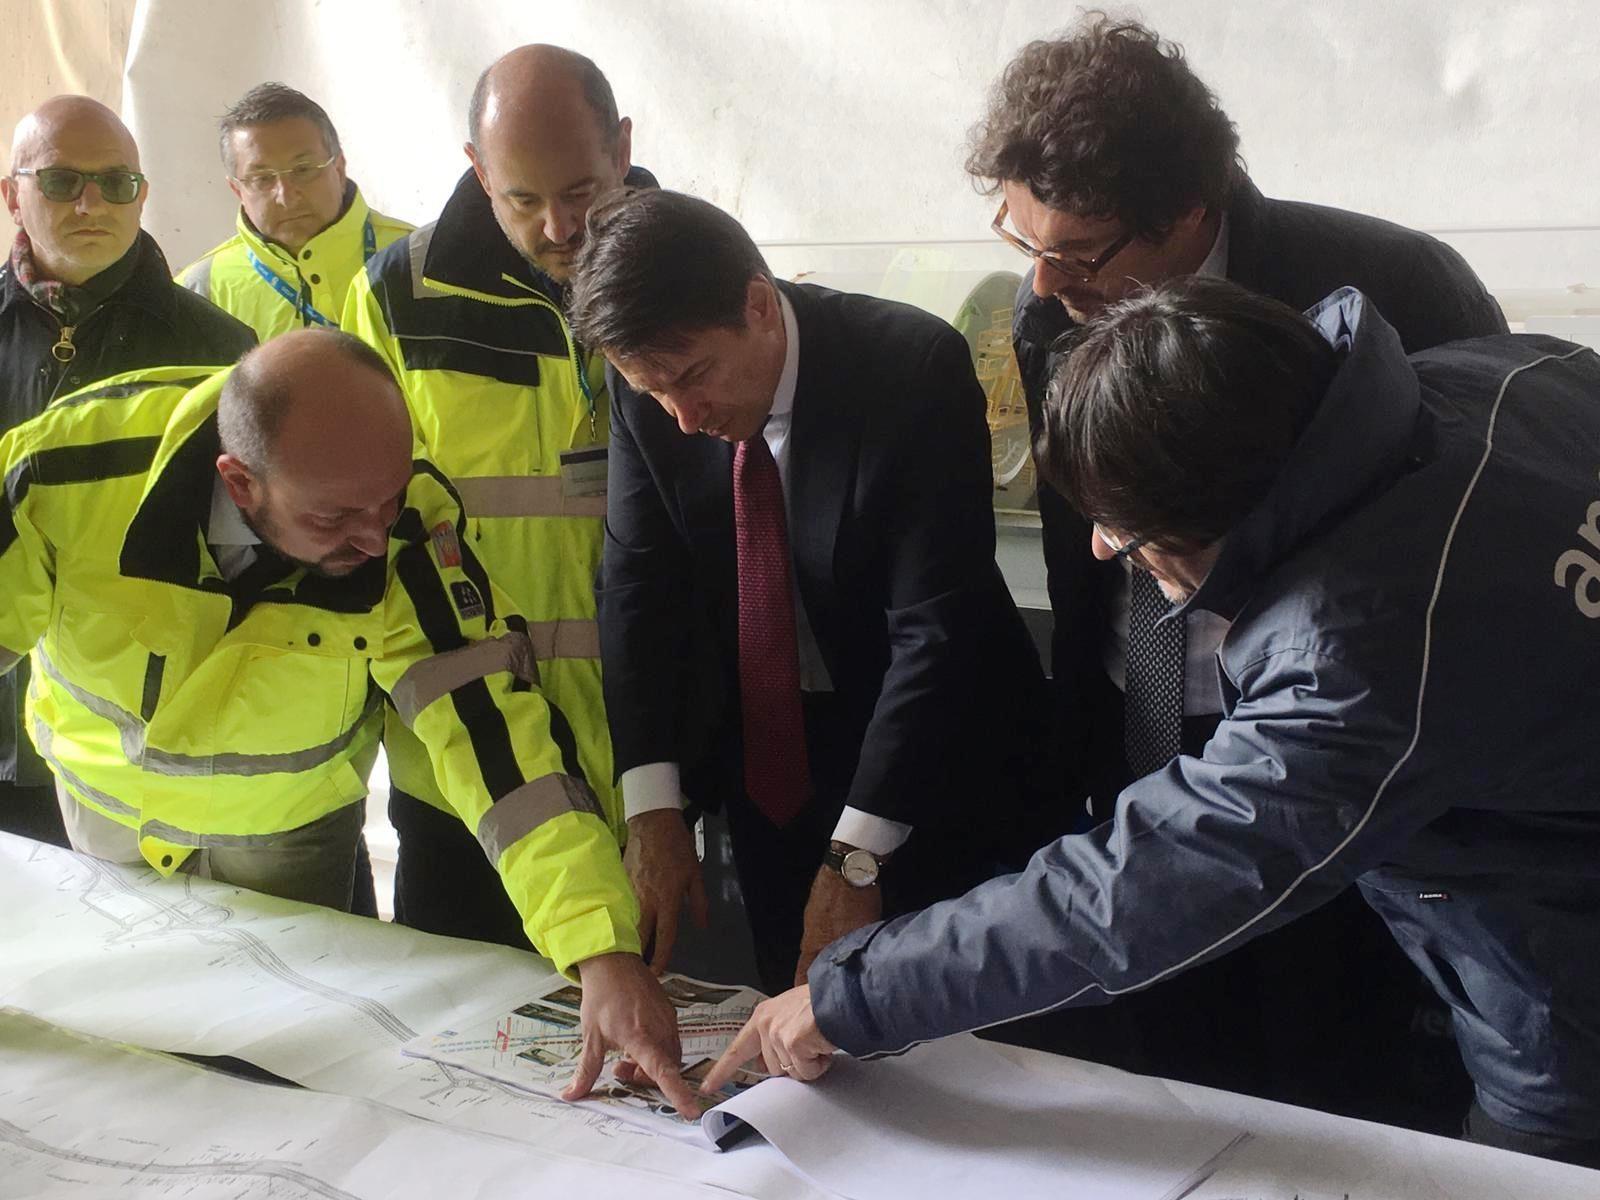 Il presidente del Consiglio Giuseppe Conte e il ministro Danilo Toninelli in sopralluogo sui cantieri Anas in Sicilia (Archivio Anas, marzo 2019)